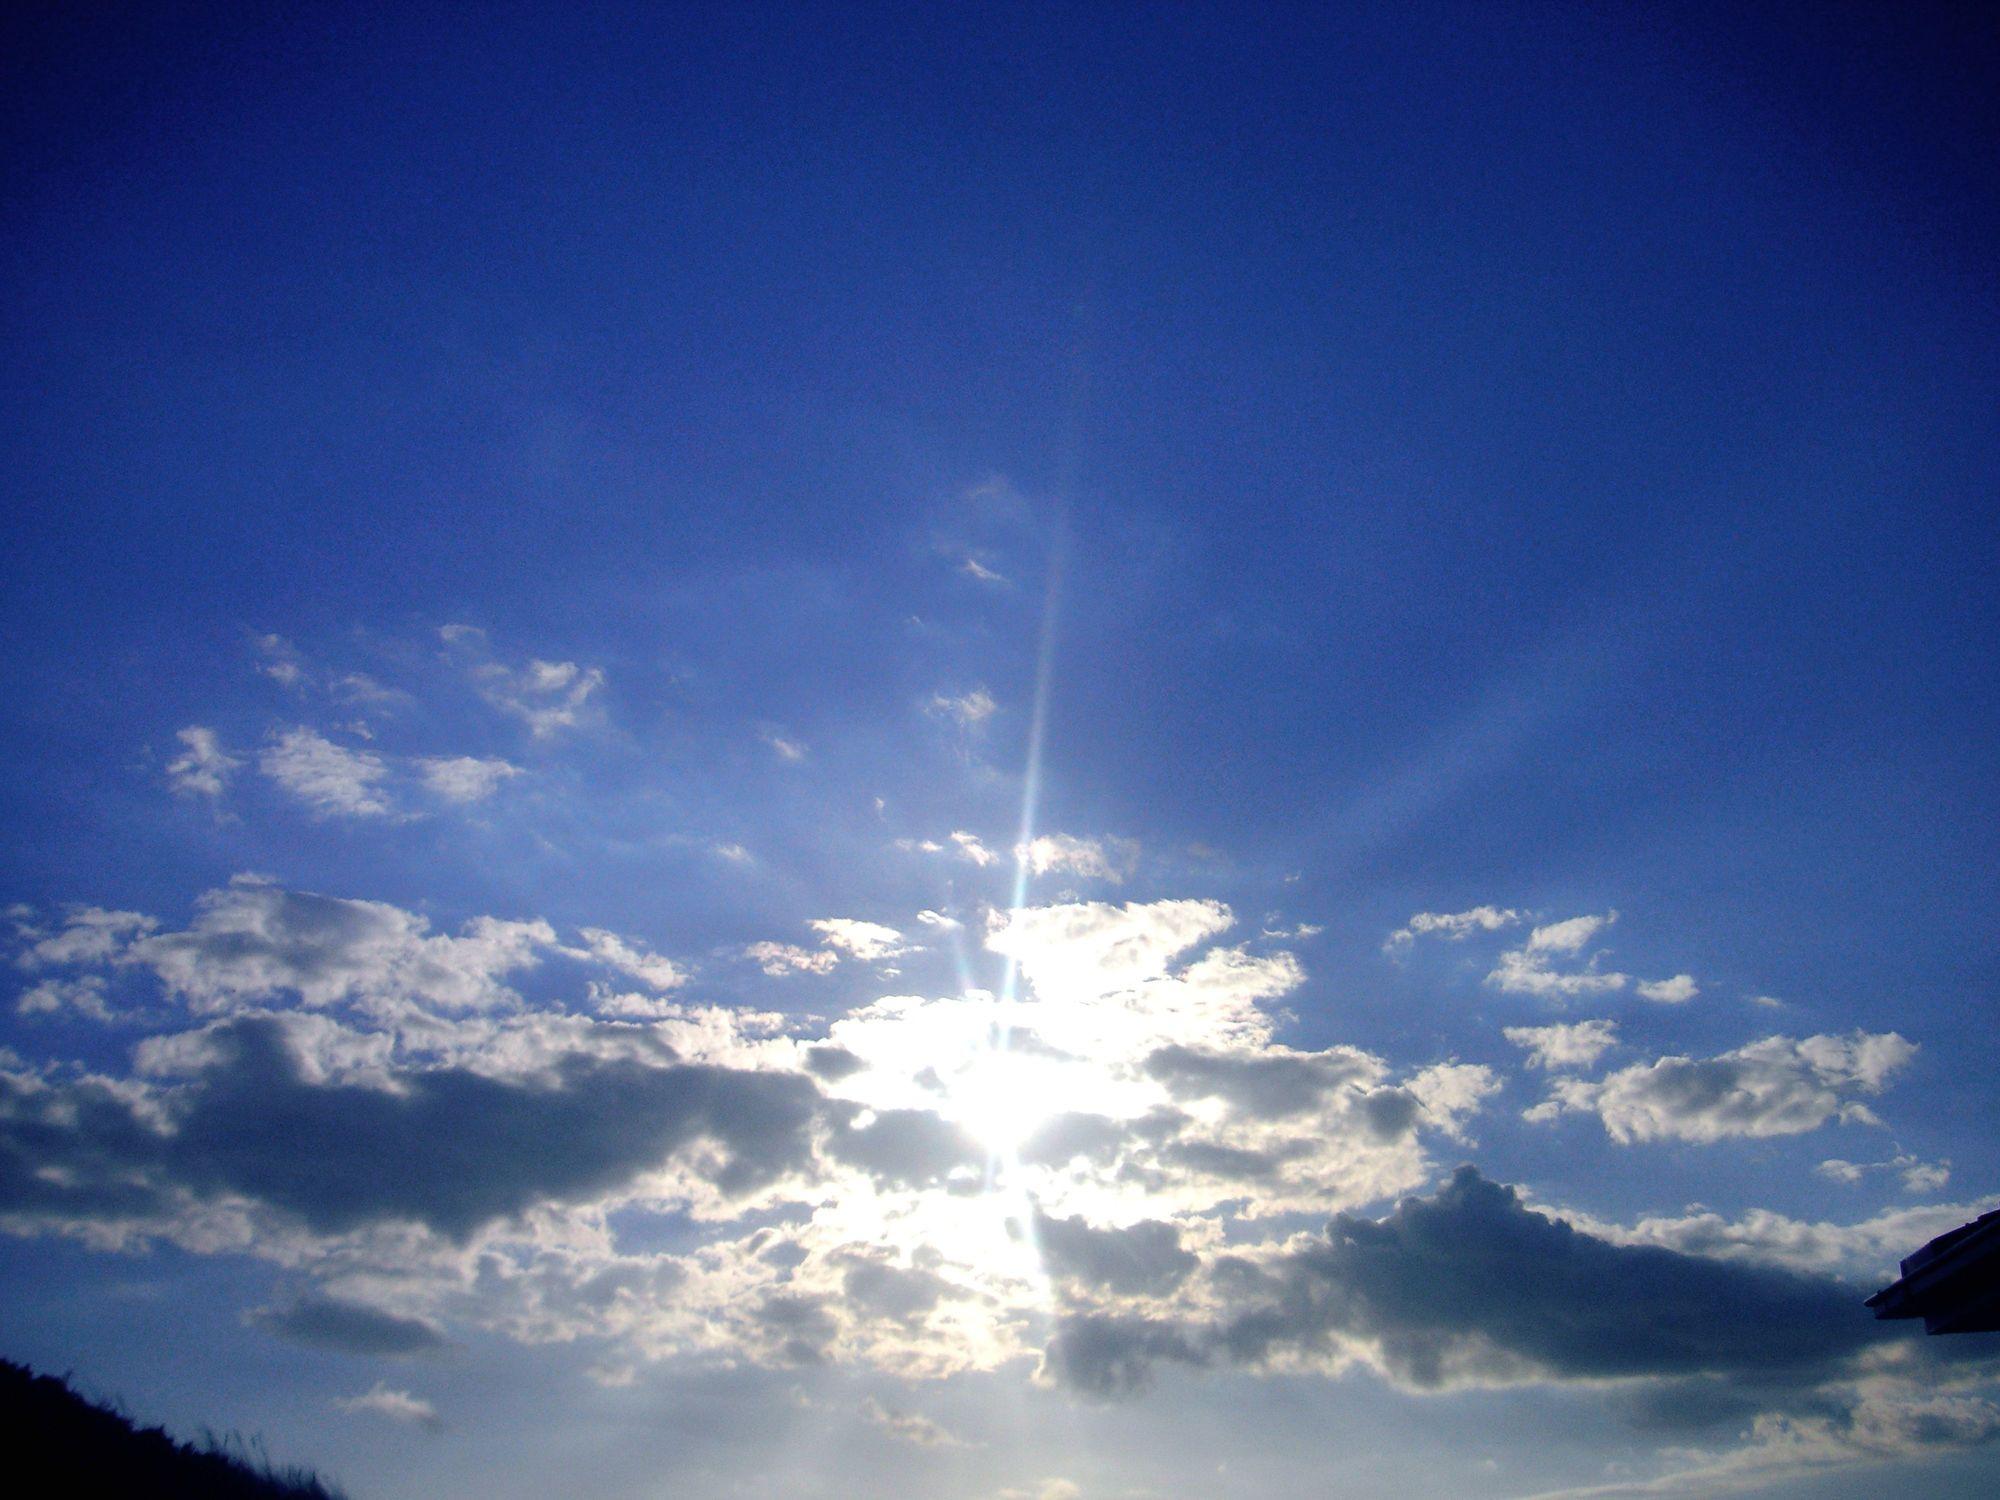 Bild mit Natur, Himmel, Wolken, Horizont, Tageslicht, Sonne, Wolkenhimmel, Wolkengebilde, Sky, Blauer Himmel, Wolkenstruktur, Sky view, Himmelsblick, Wolkenblick